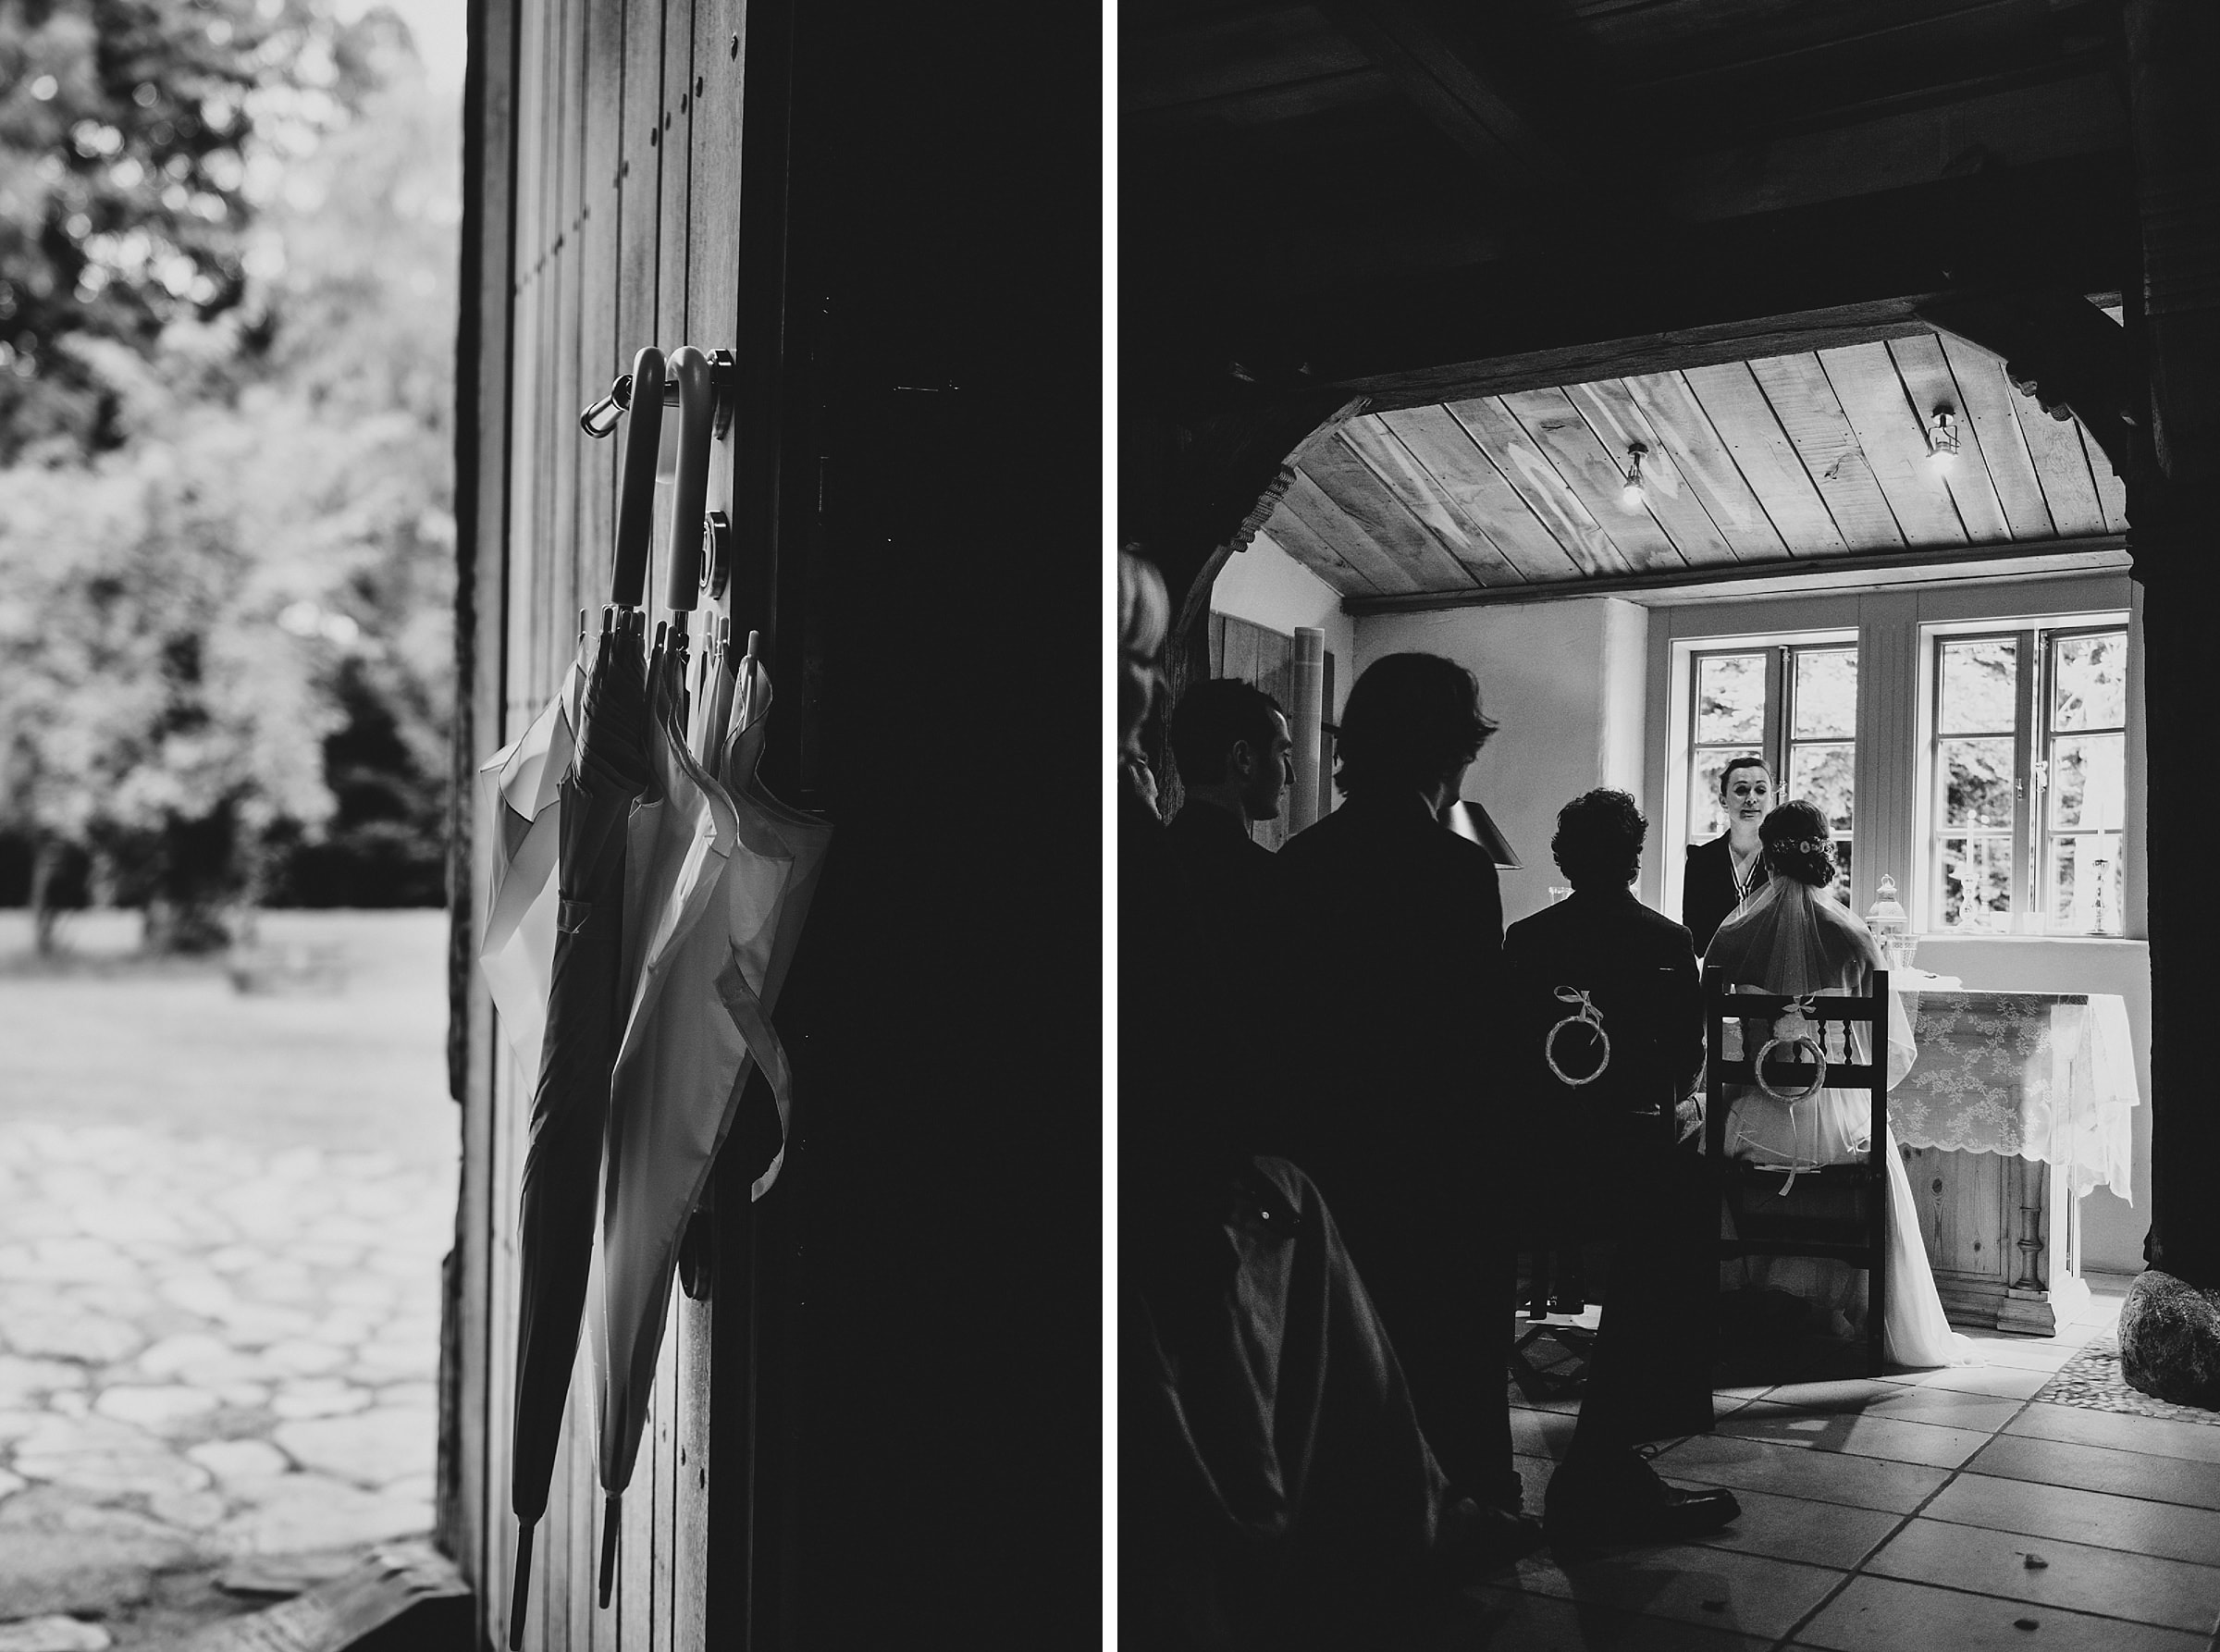 Hochzeitsfotografie-Frau-Siemers-Hof Weihe-freie Trauung-Regenschirme im Gegenlicht